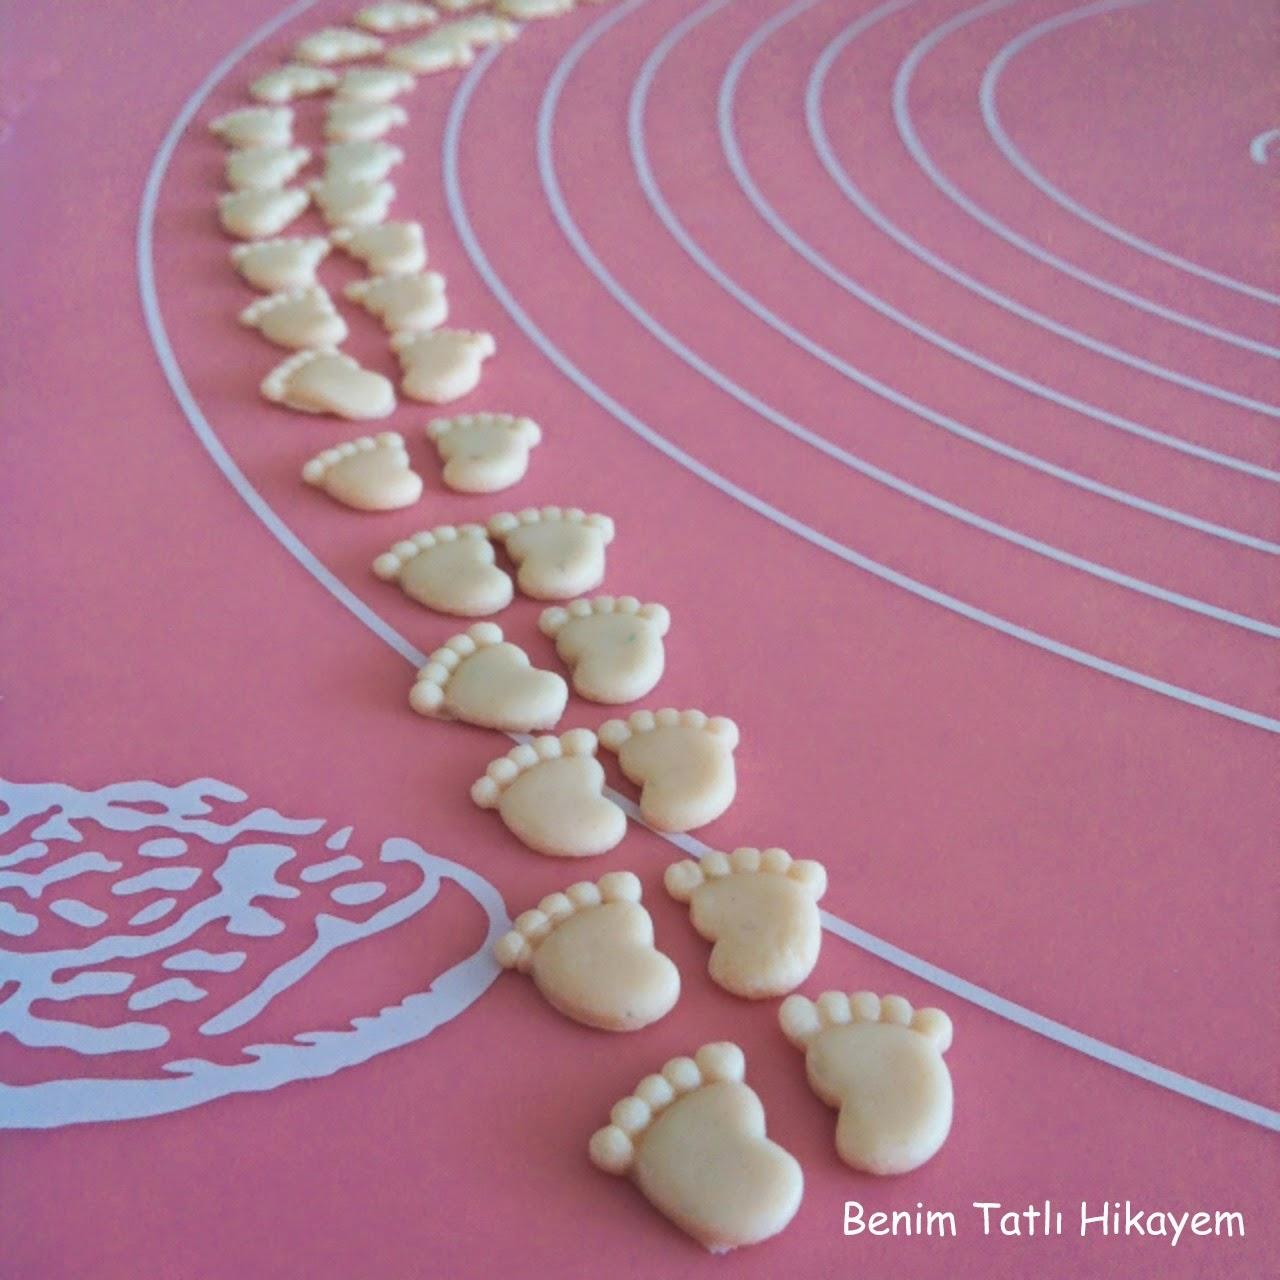 şeker hamuru bebek temalı silikon kalıp